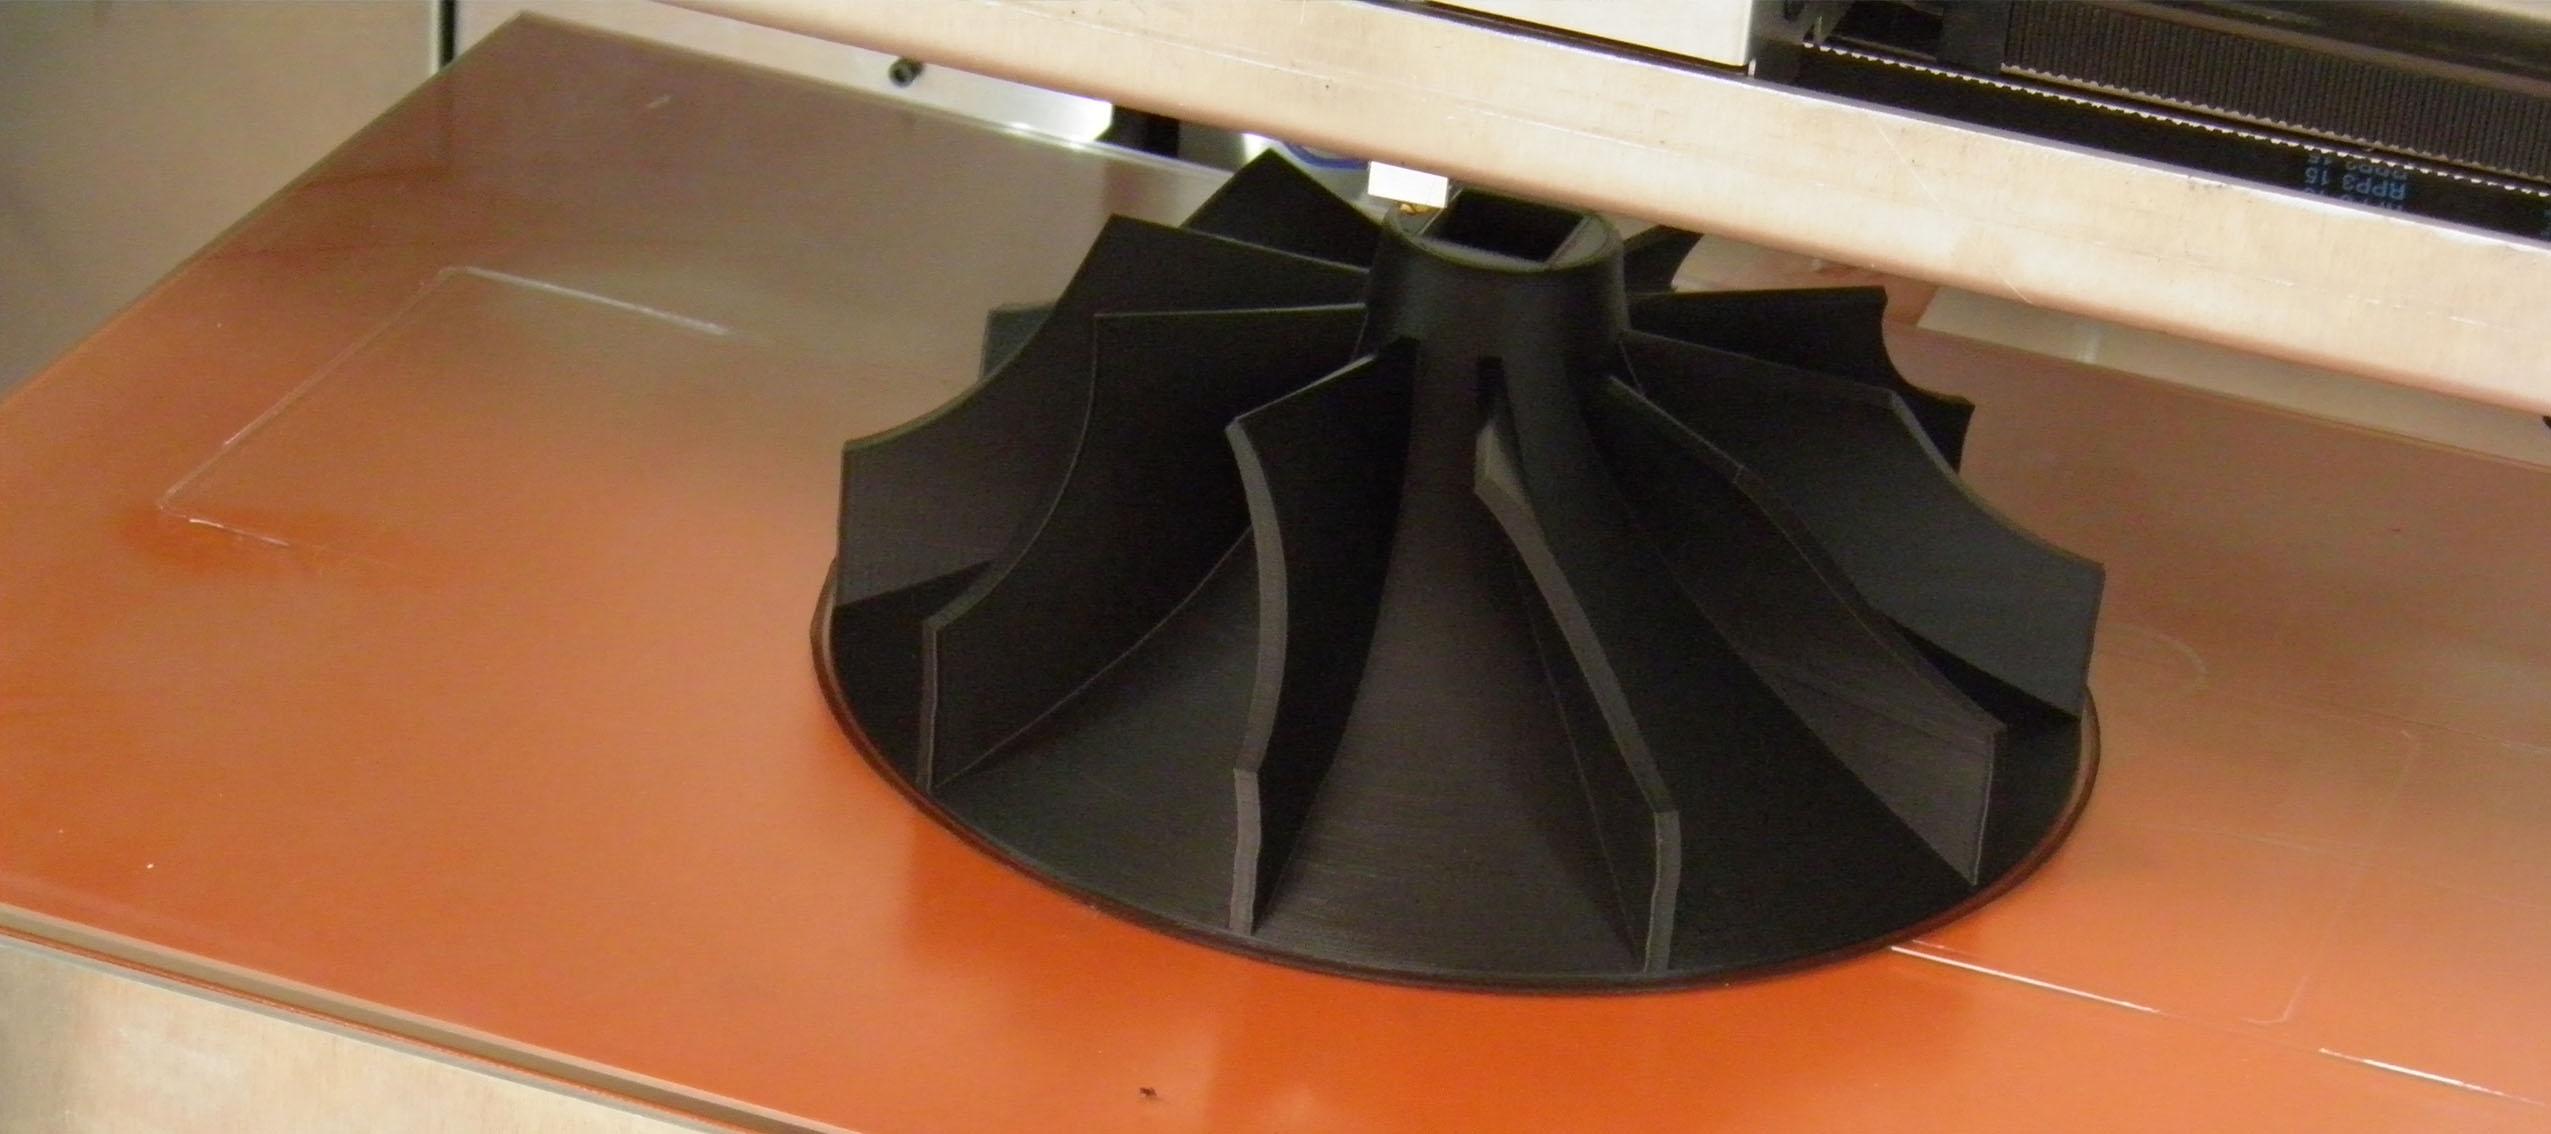 JCR 600 y CloneInspector 3D: Grupo Sicnova presenta oficialmente sus nuevos productos industriales